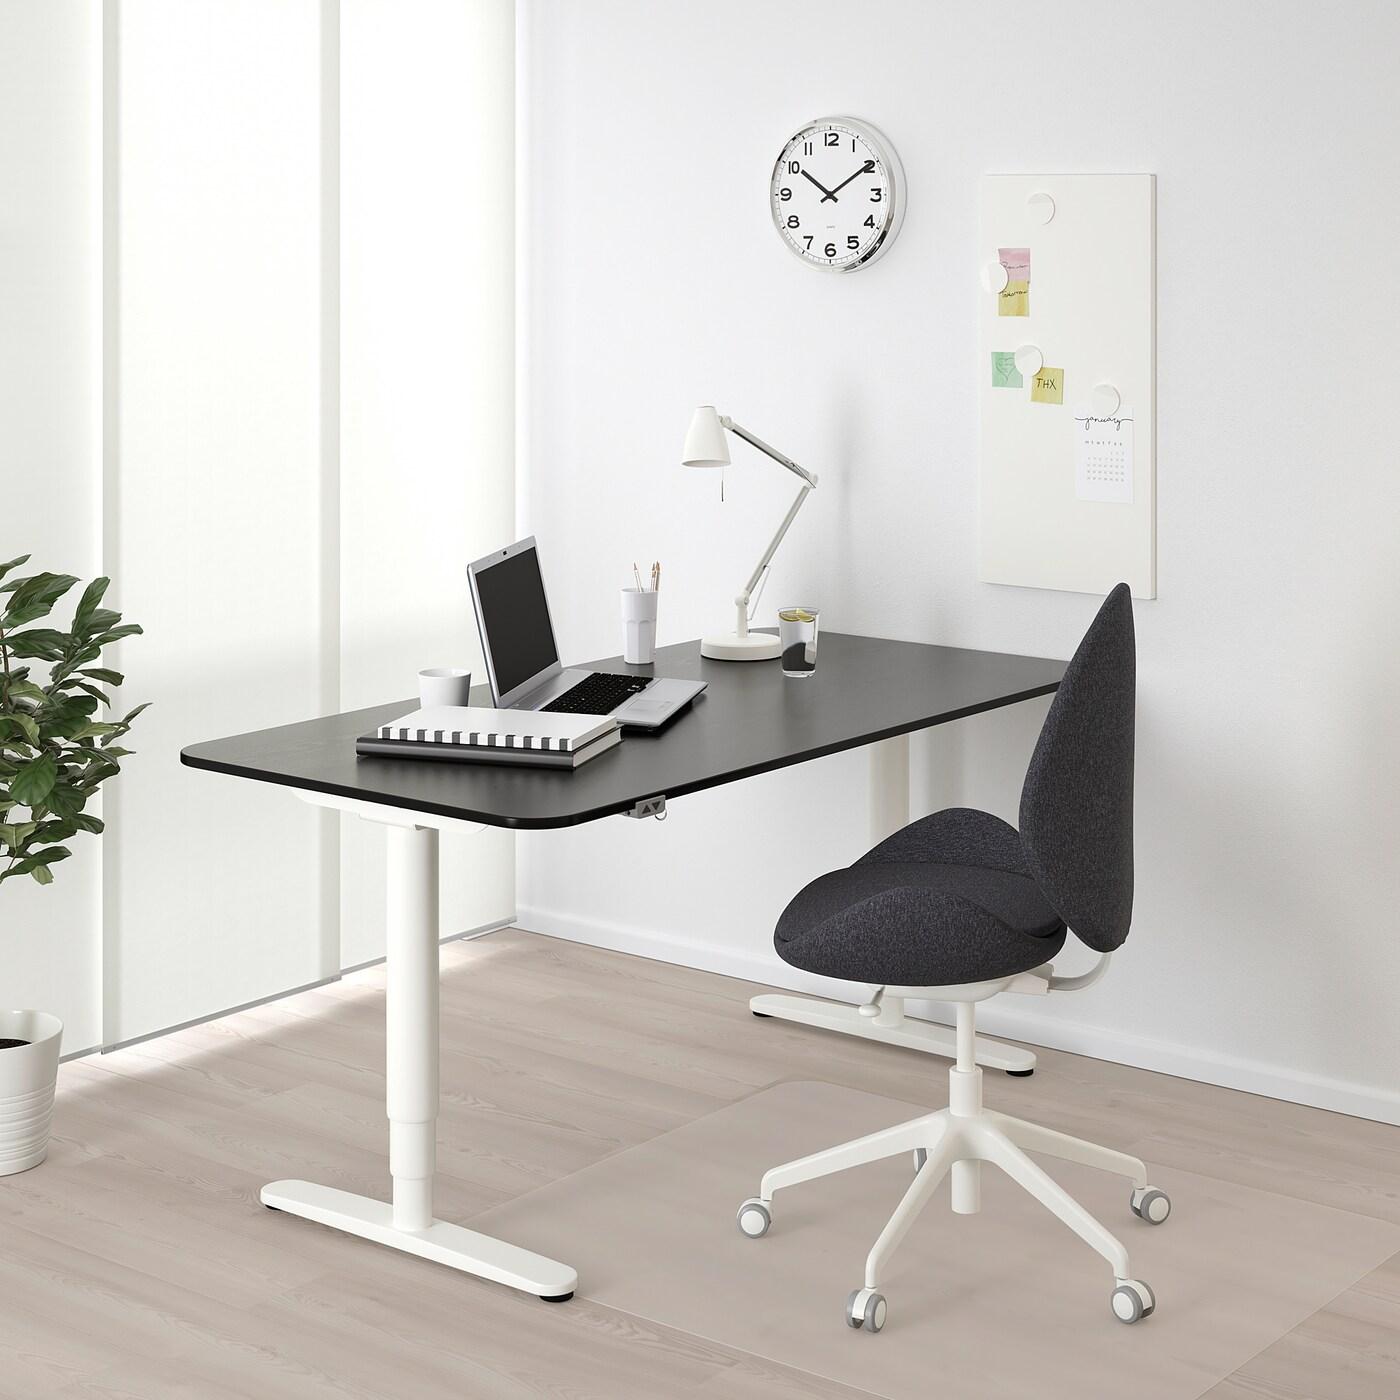 BEKANT Schreibtisch sitz/steh schwarz gebeiztes Eschenfurnier/weiß 160 cm 80 cm 65 cm 125 cm 70 kg